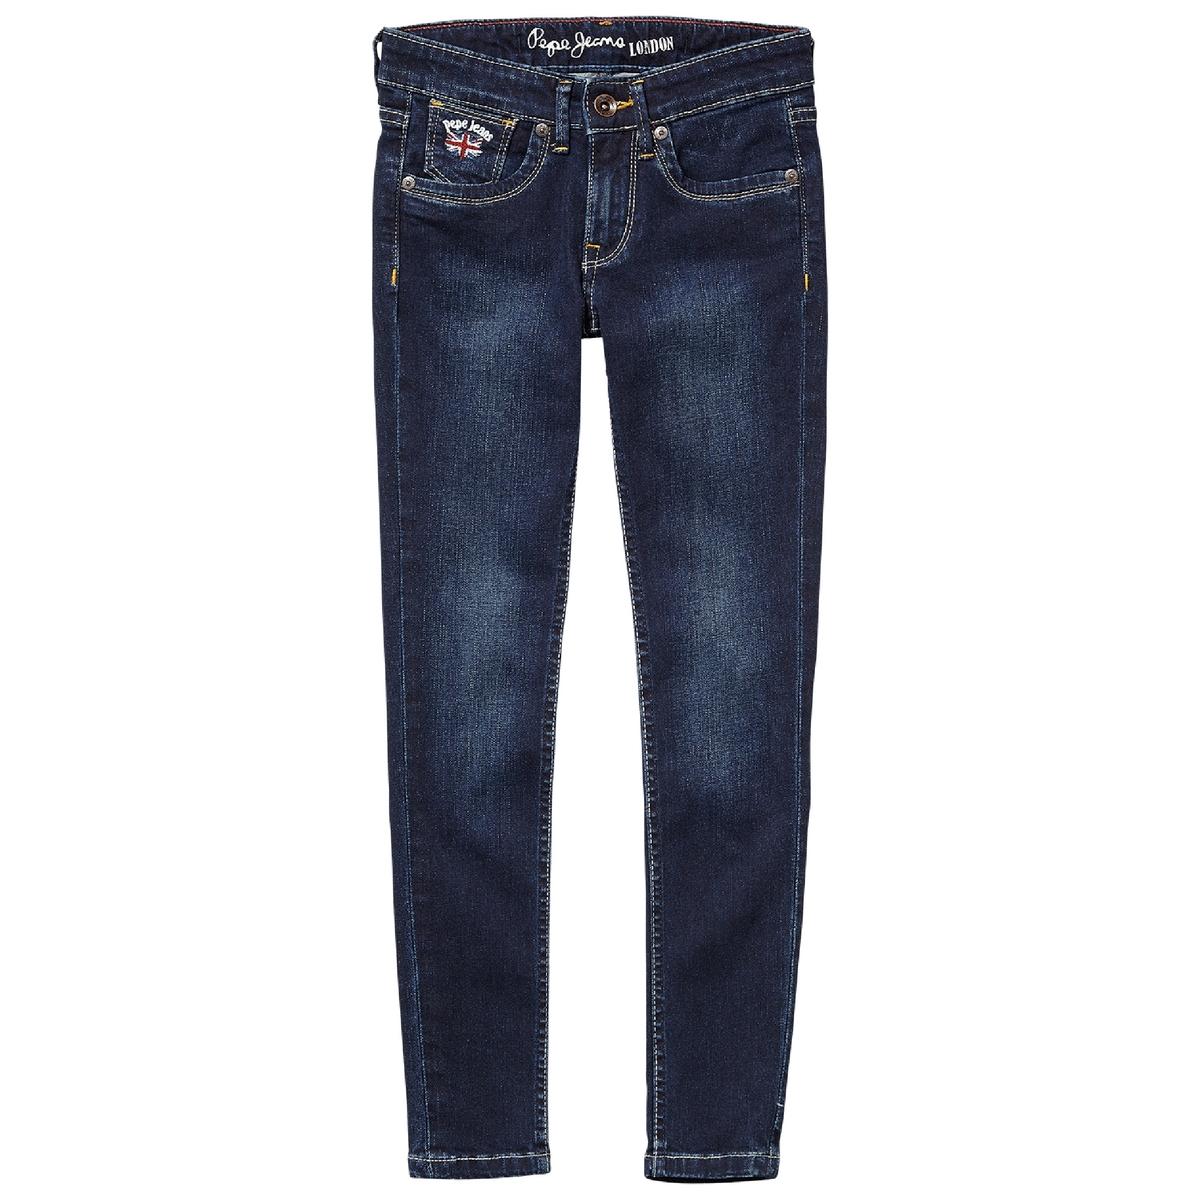 Джинсы узкие, для 8-16 лет джинсы узкие для 8 16 лет